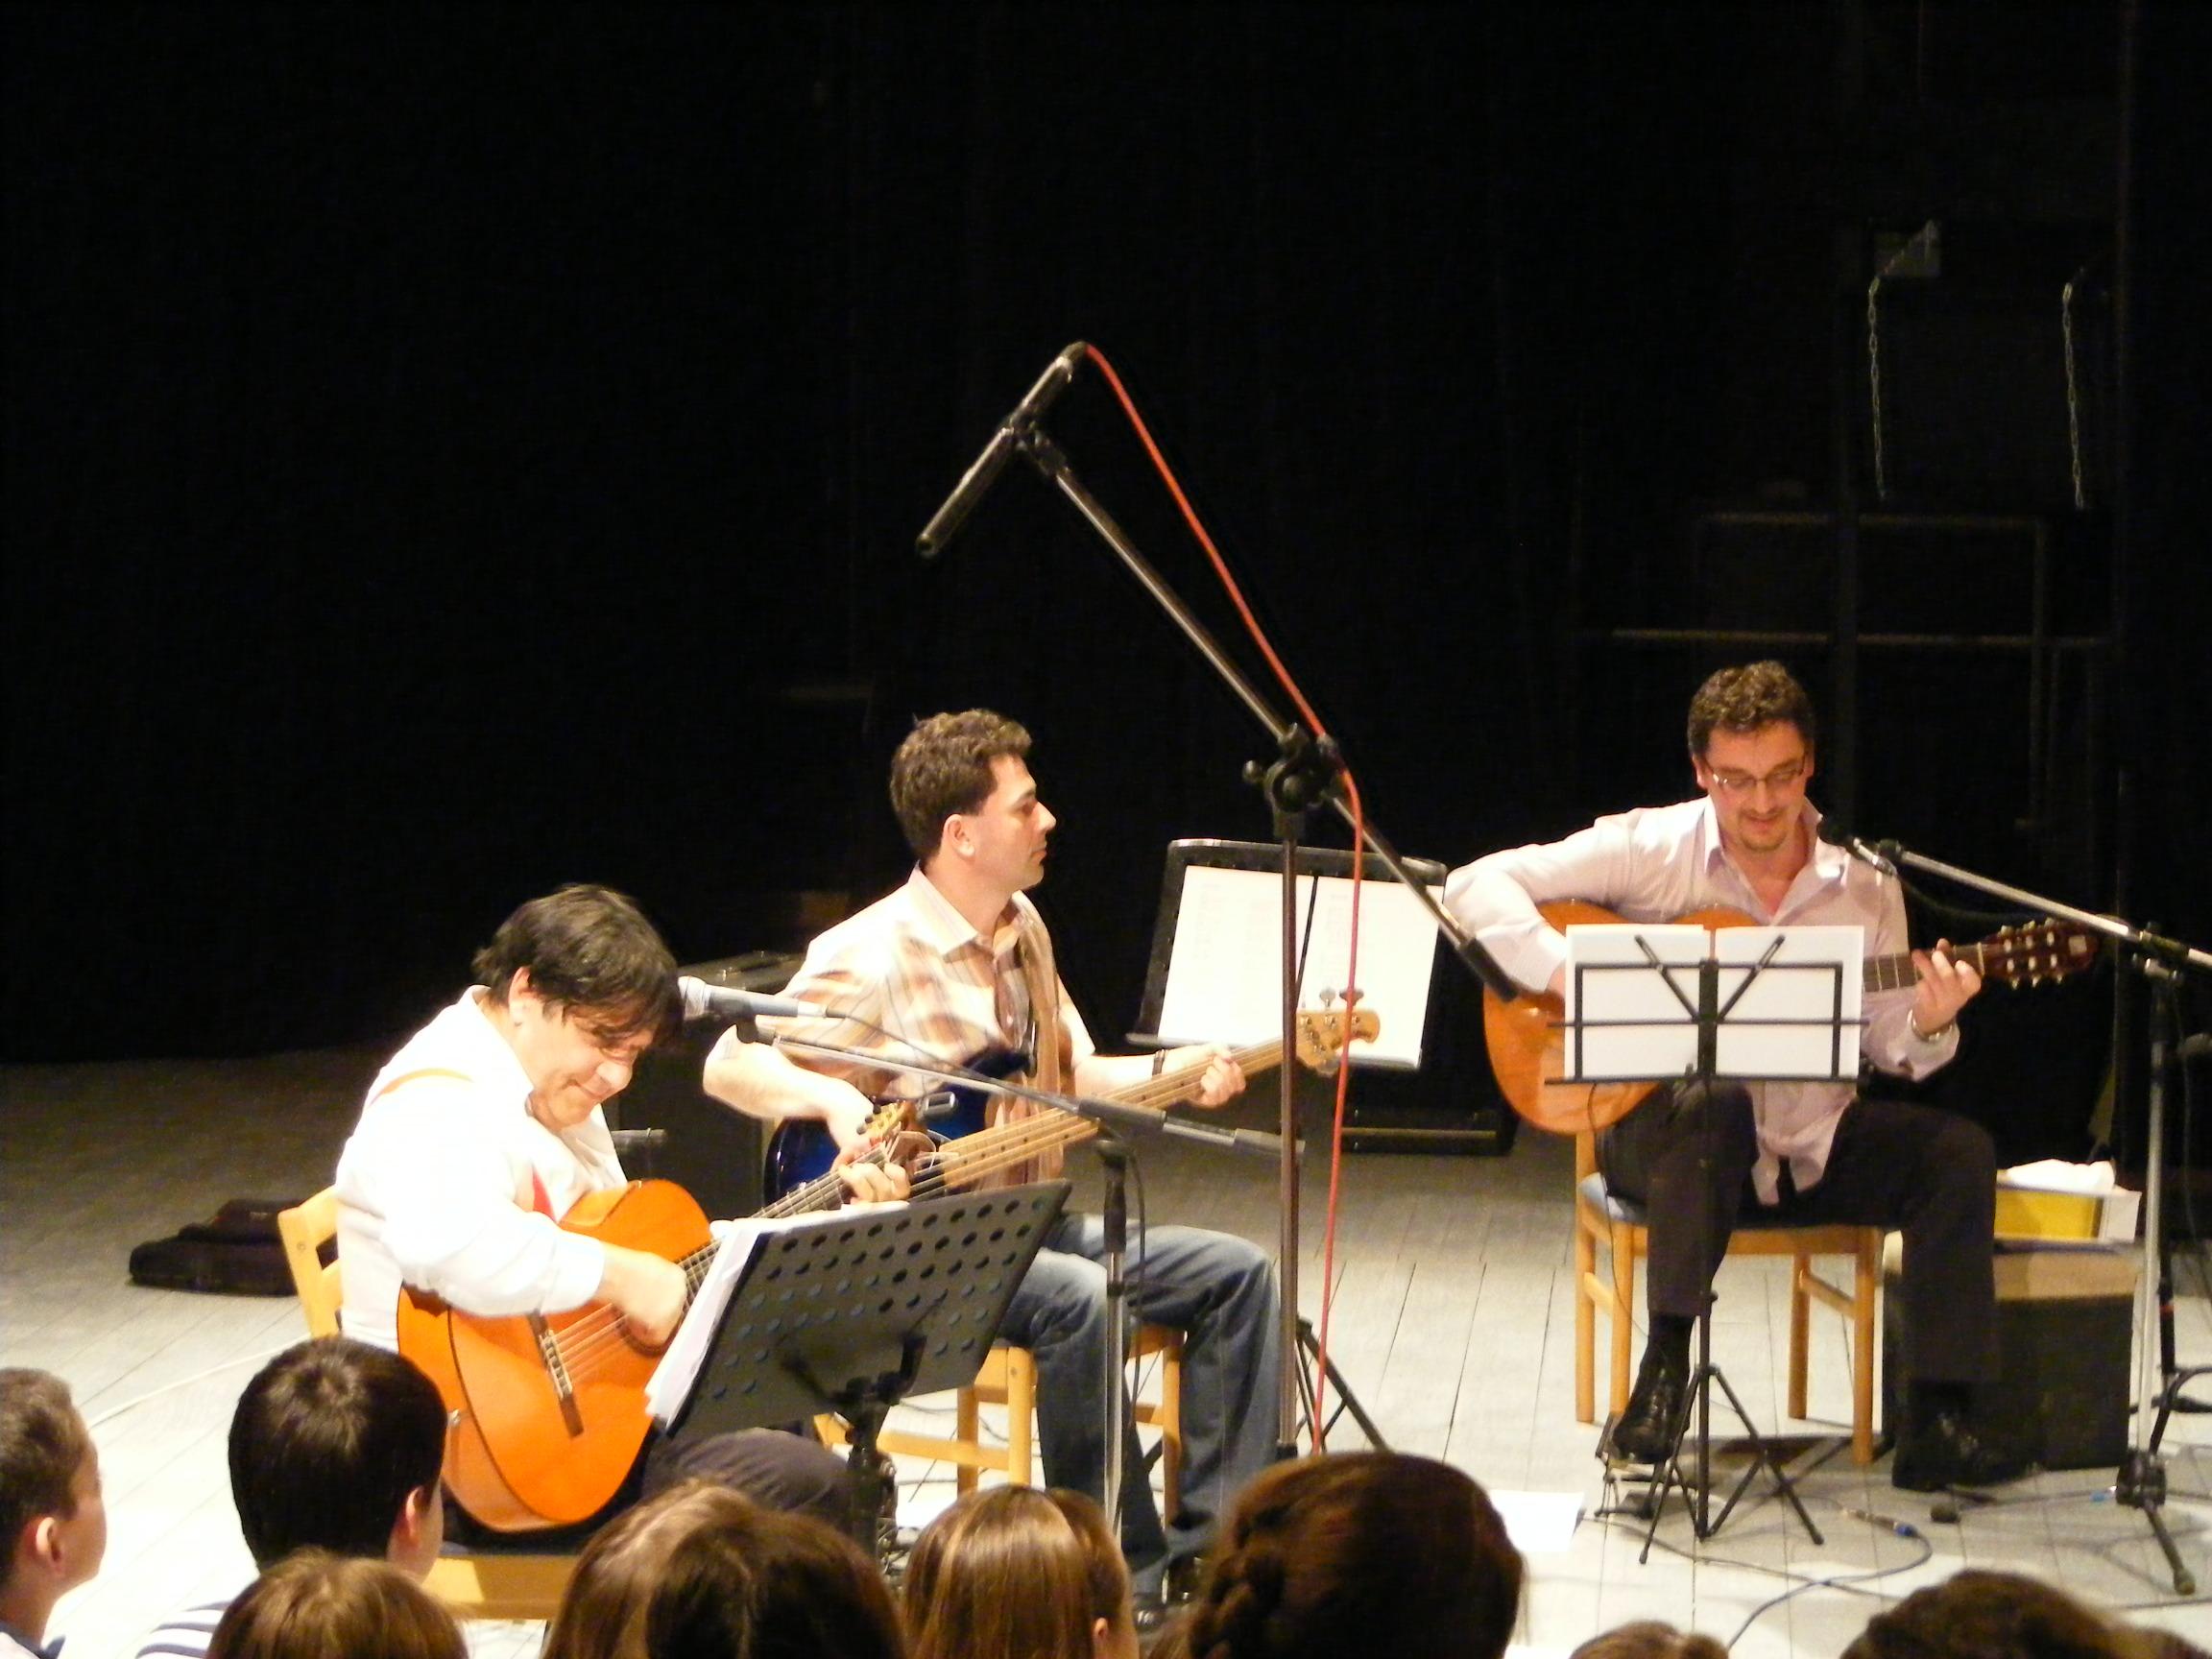 Gerendás Péter, Rózsa Sándor és Papp-Für János a színpadon